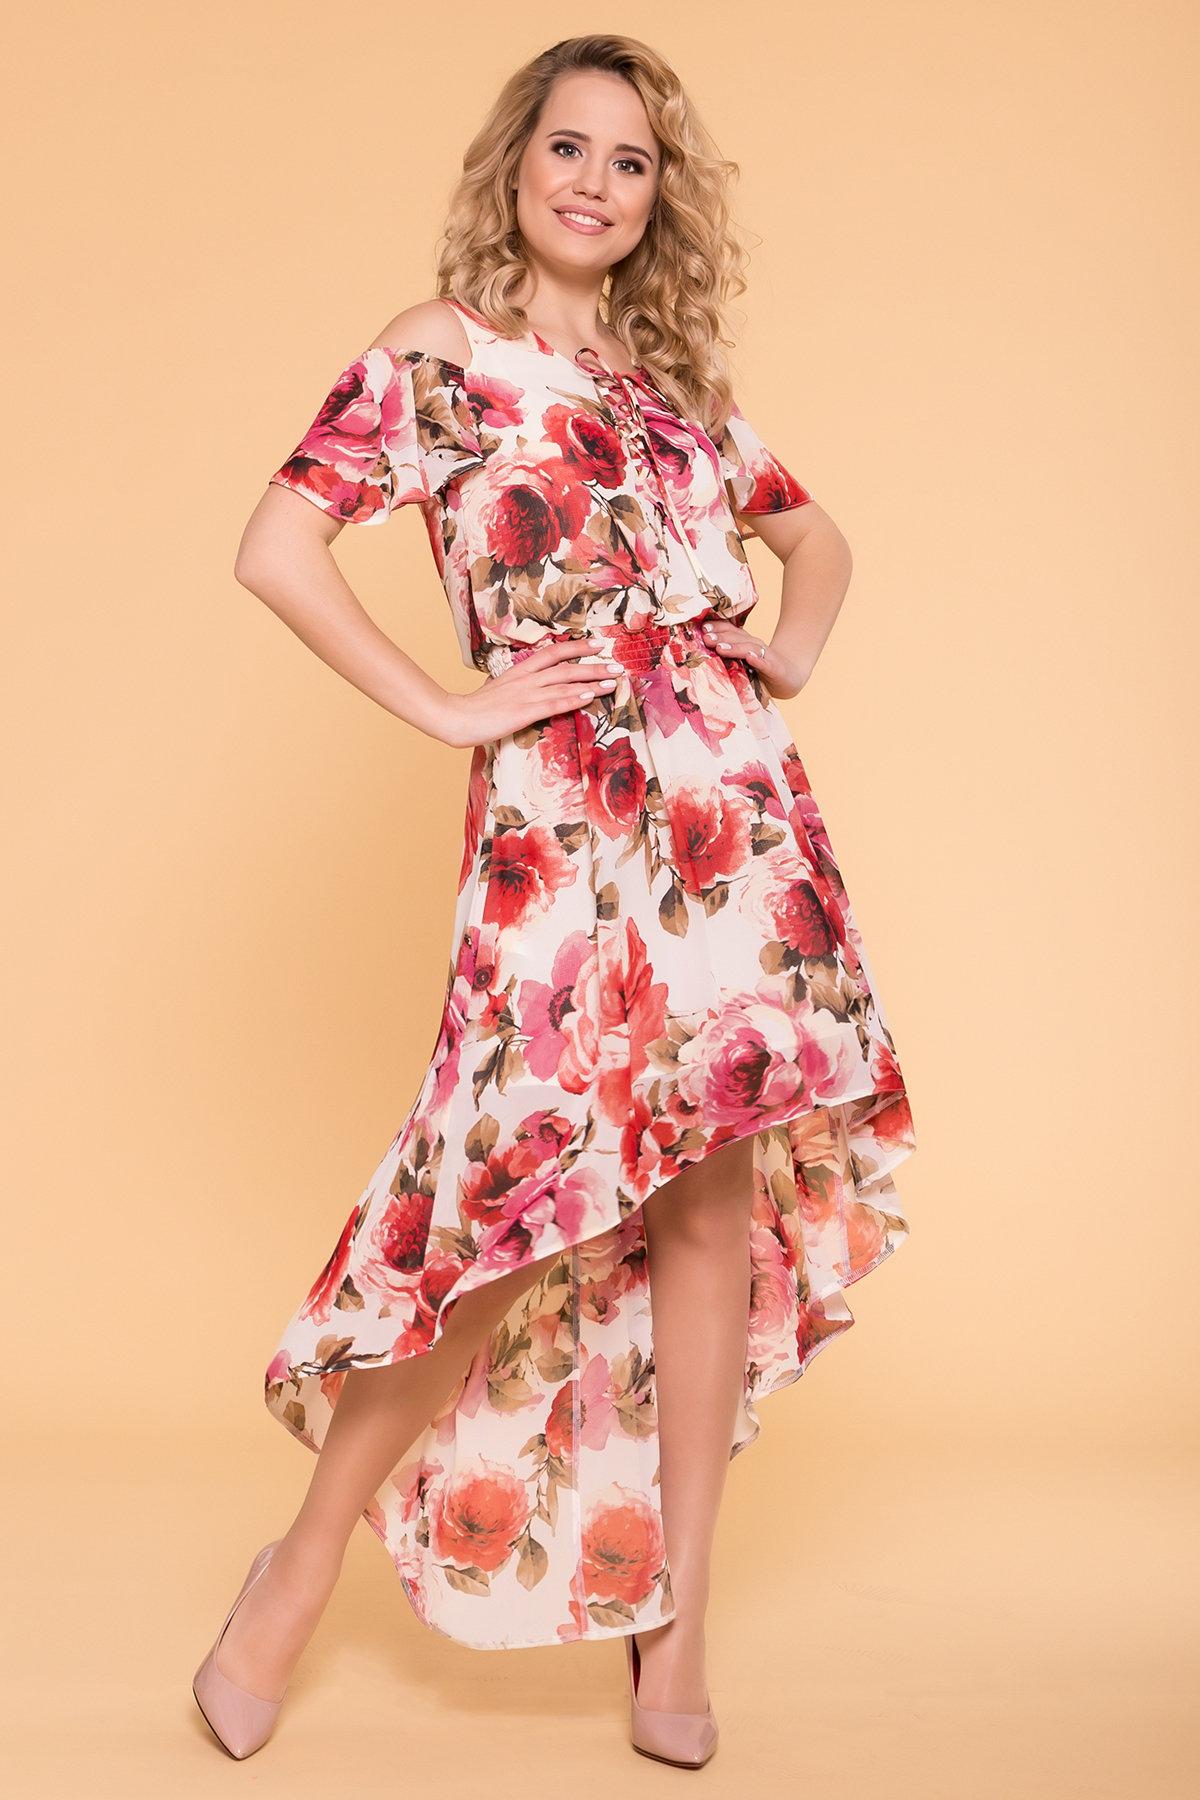 Платье Фрезия 5072 АРТ. 42003 Цвет: Розы молоко/коралл - фото 2, интернет магазин tm-modus.ru